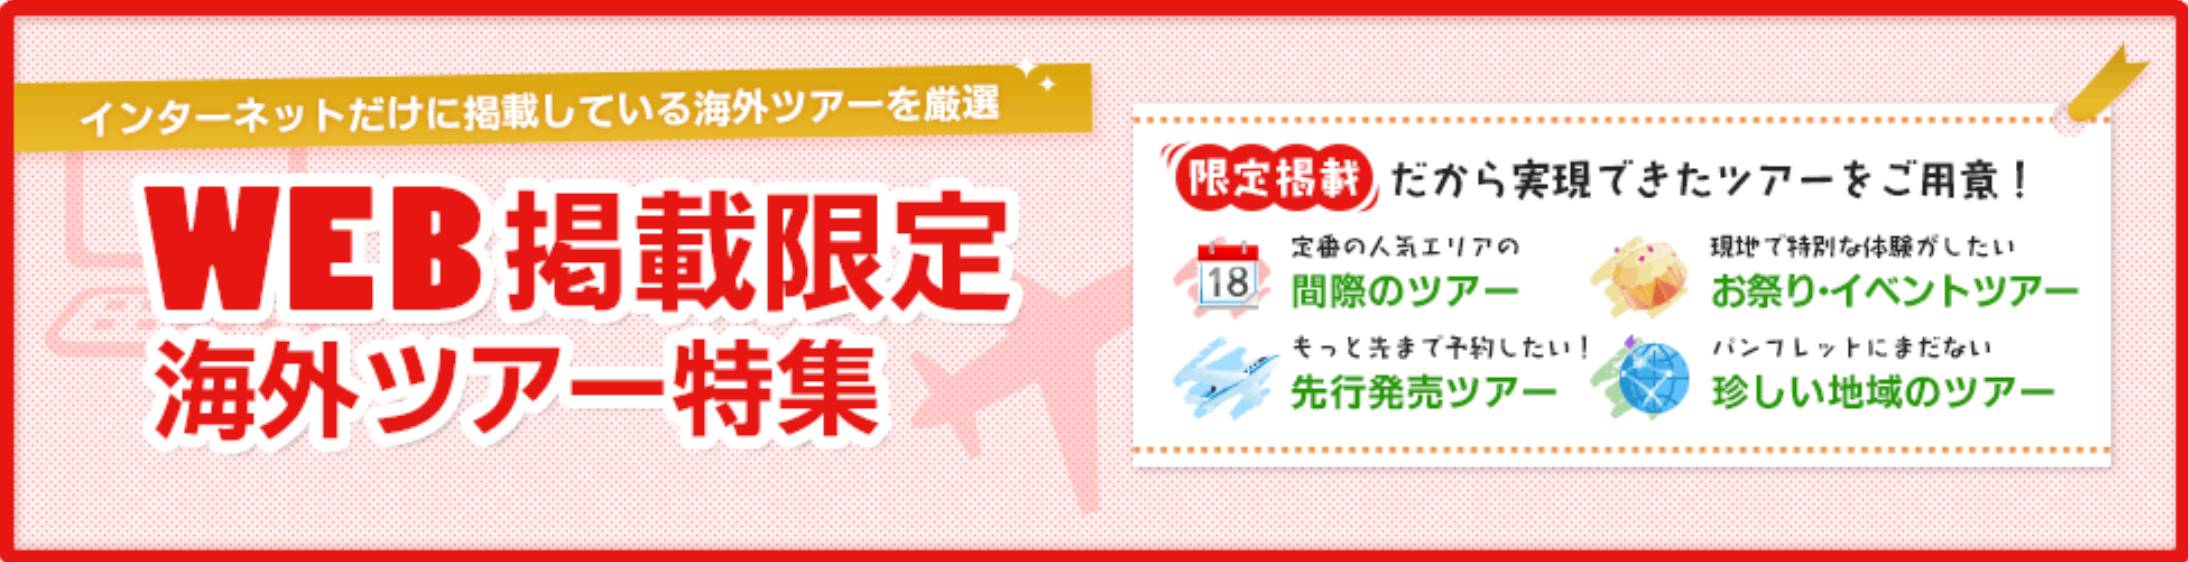 近畿日本ツーリストのWEB限定海外ツアー特集